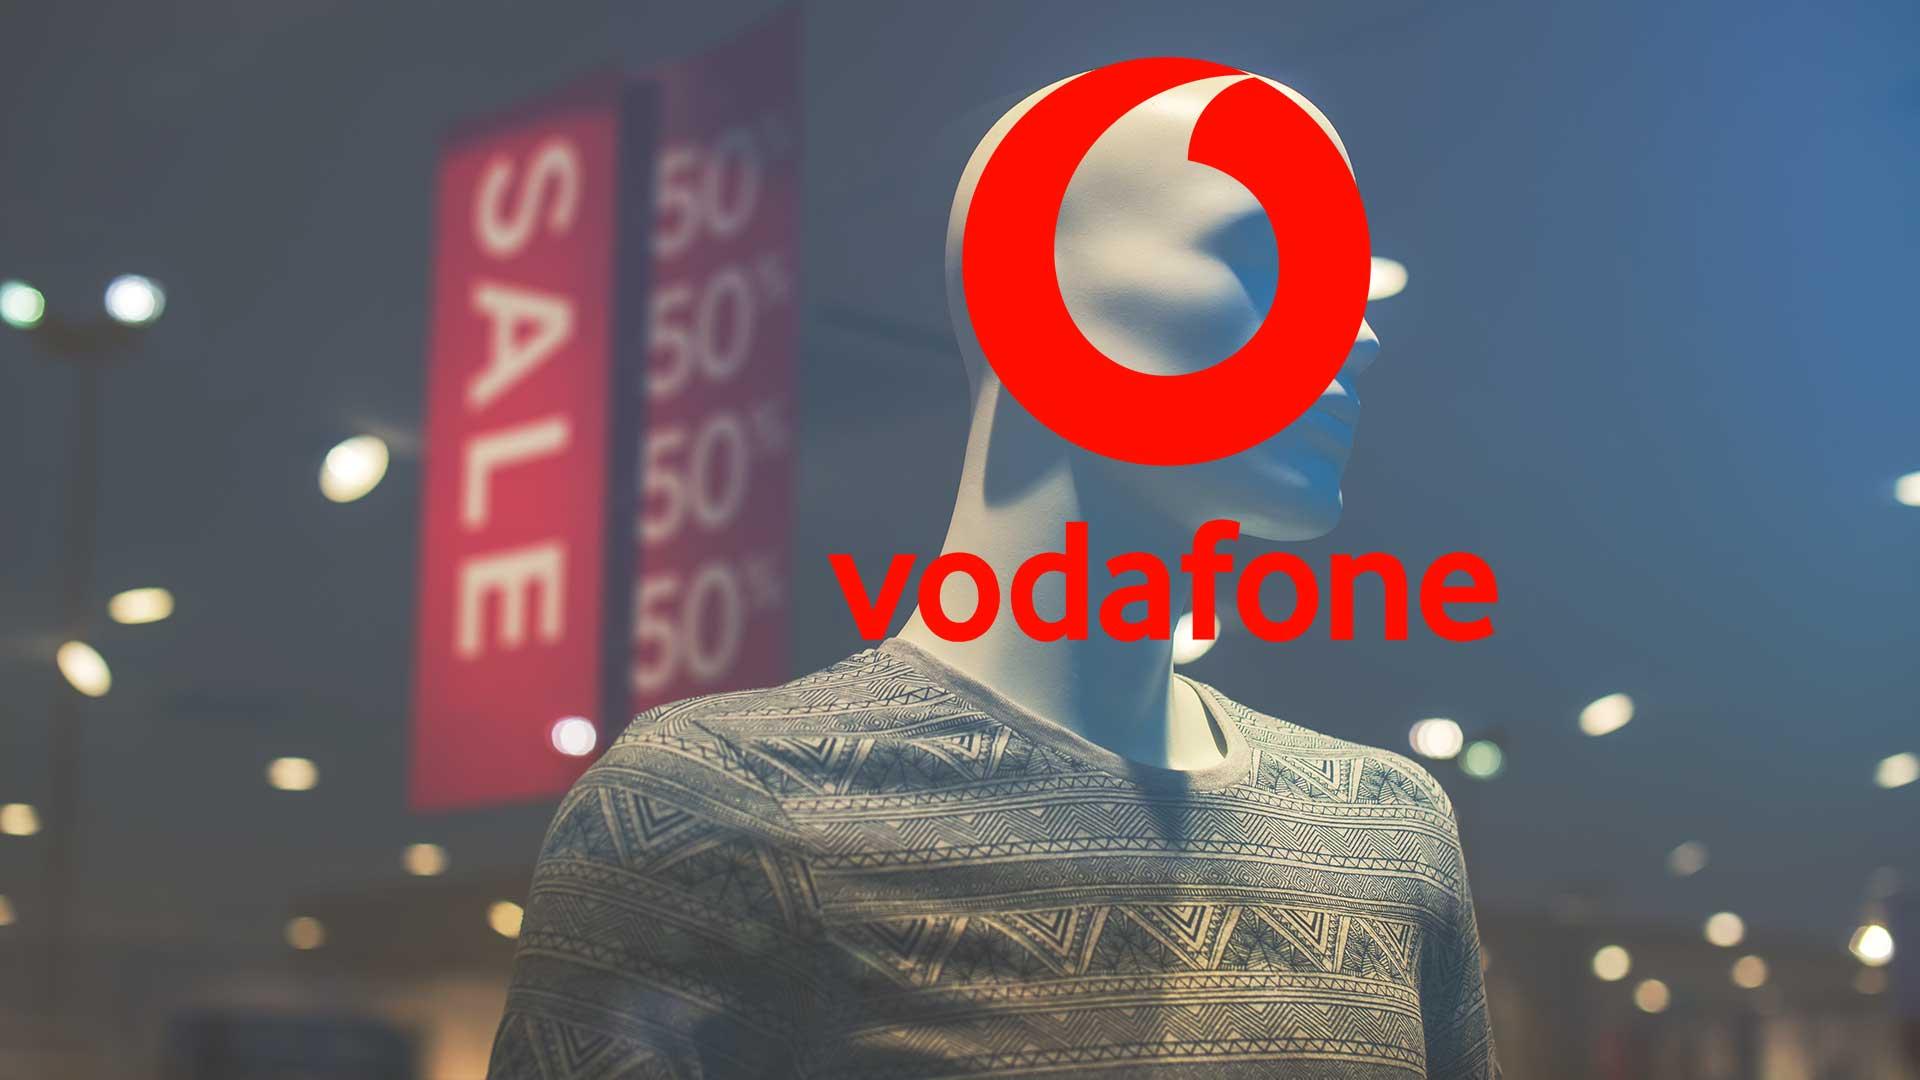 Vodafone descuento tarifas móviles, mayo 2020